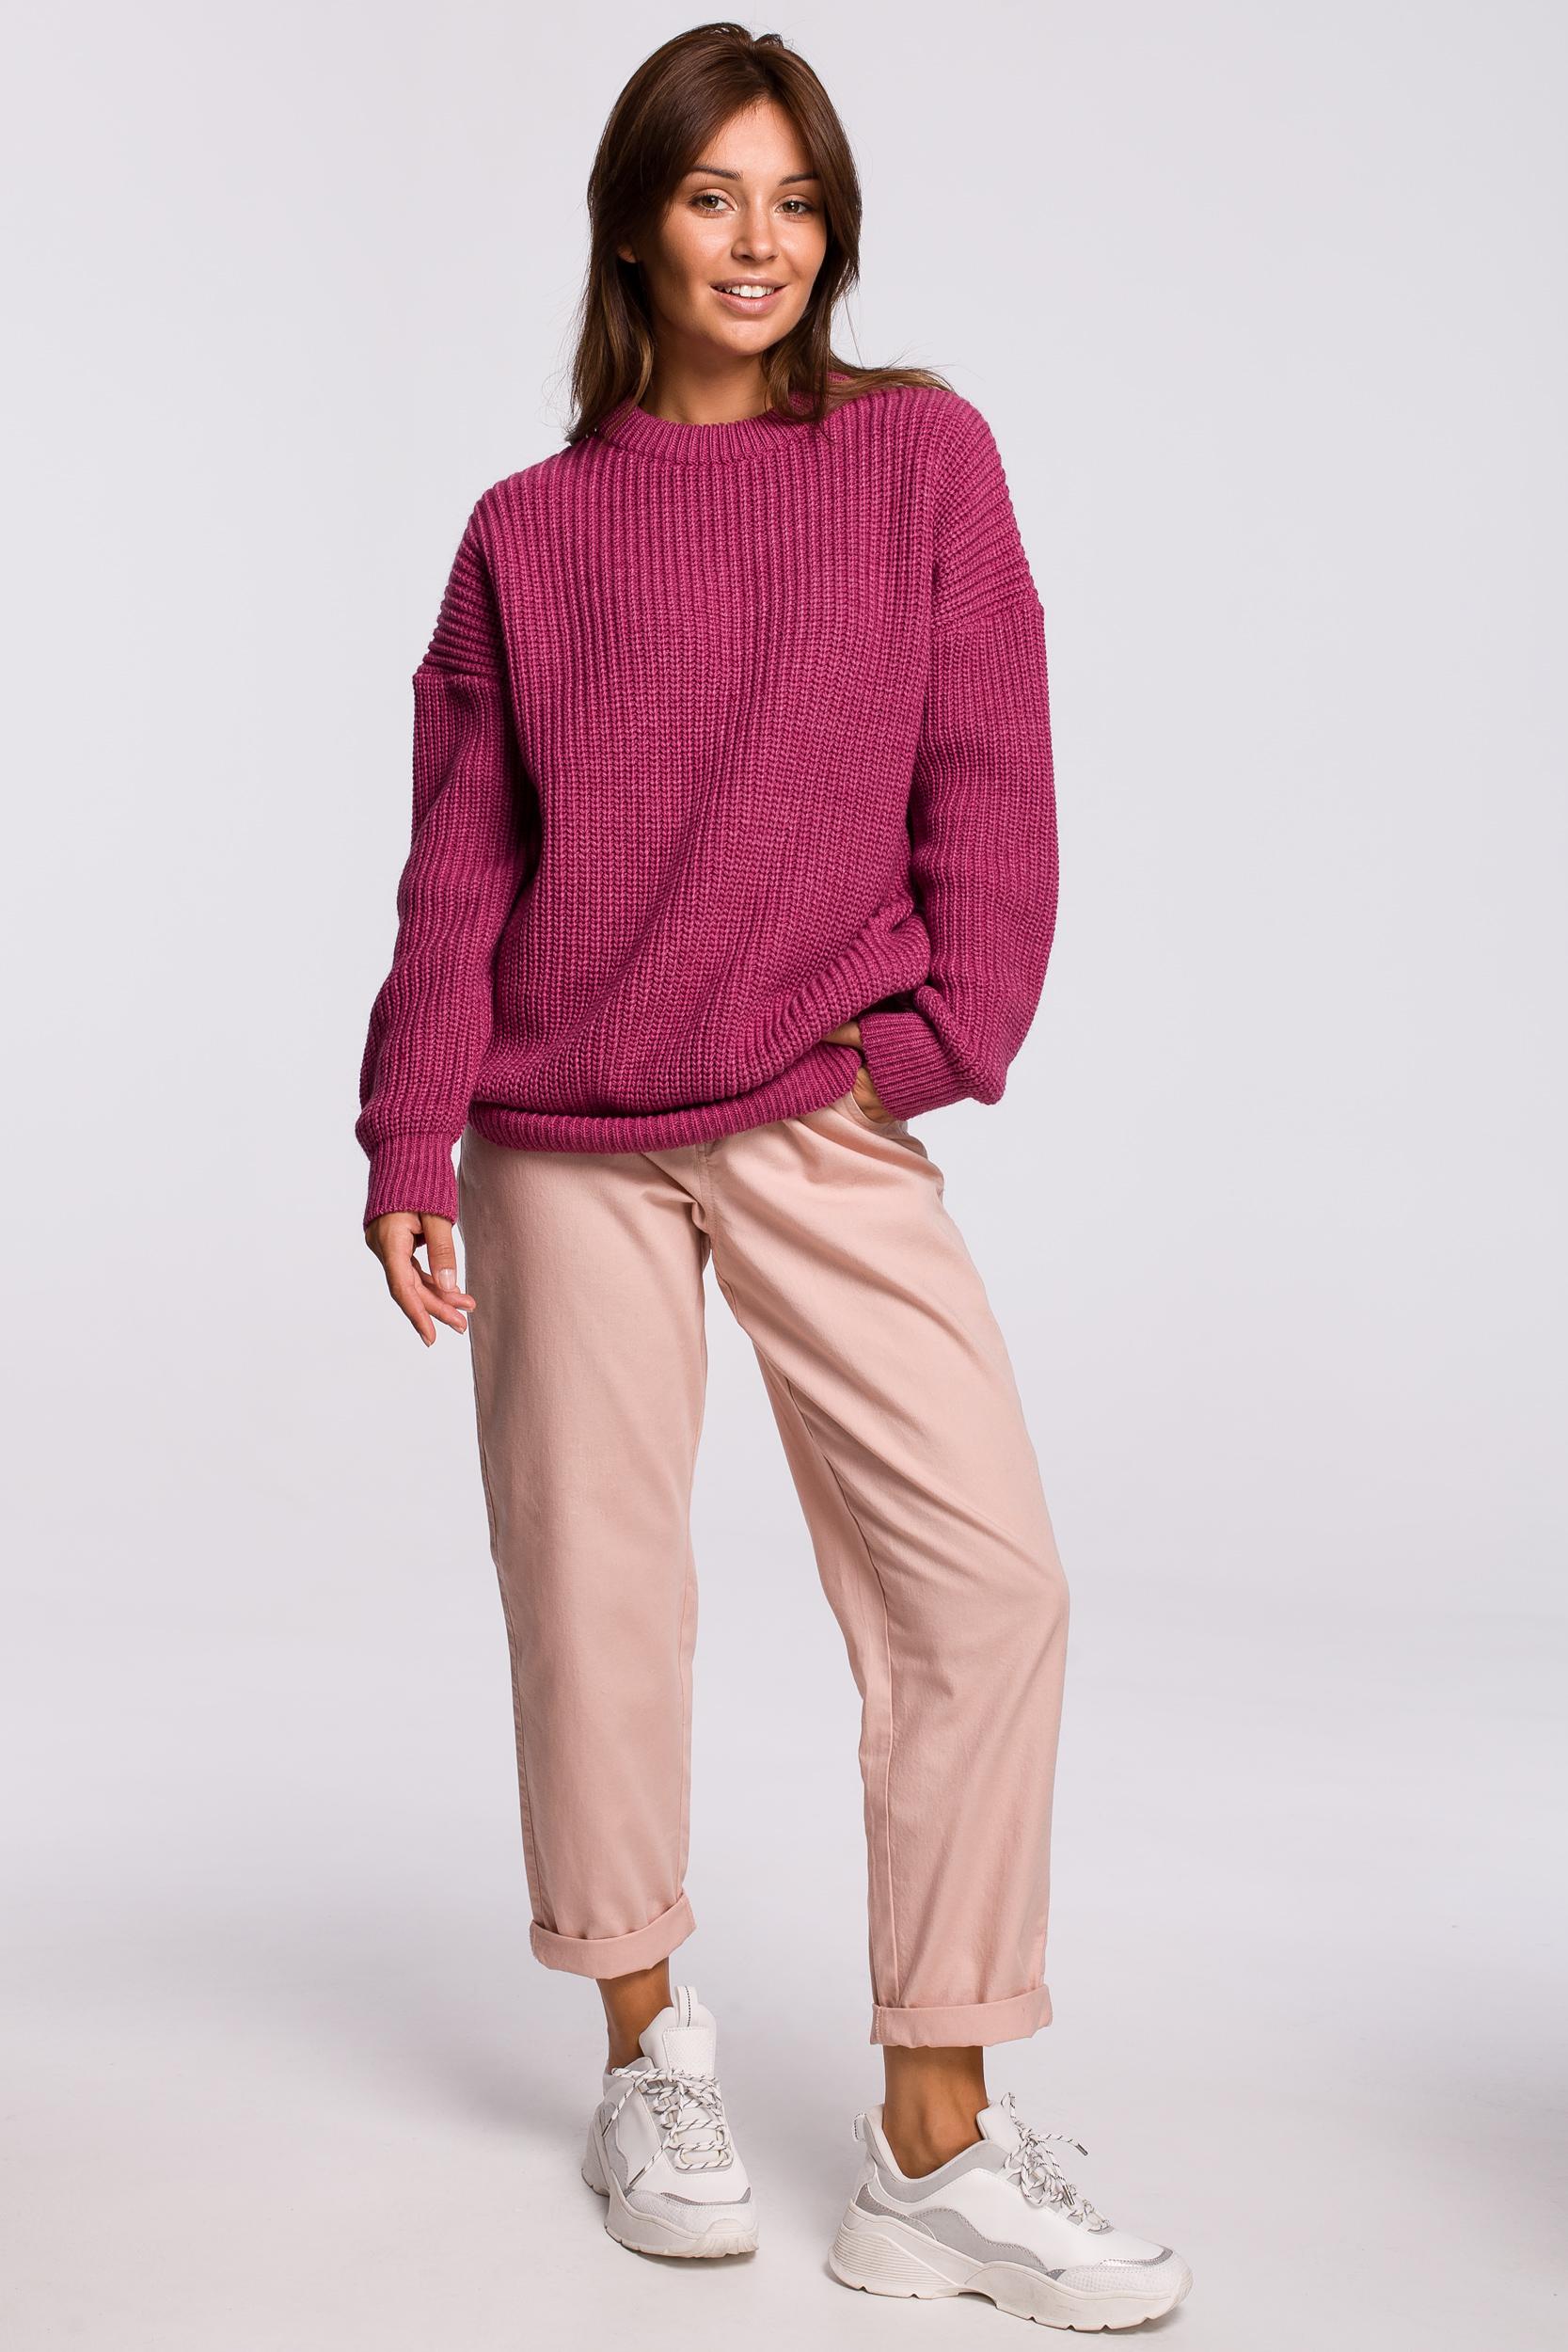 Sweater in Erika Vorderansicht komplett